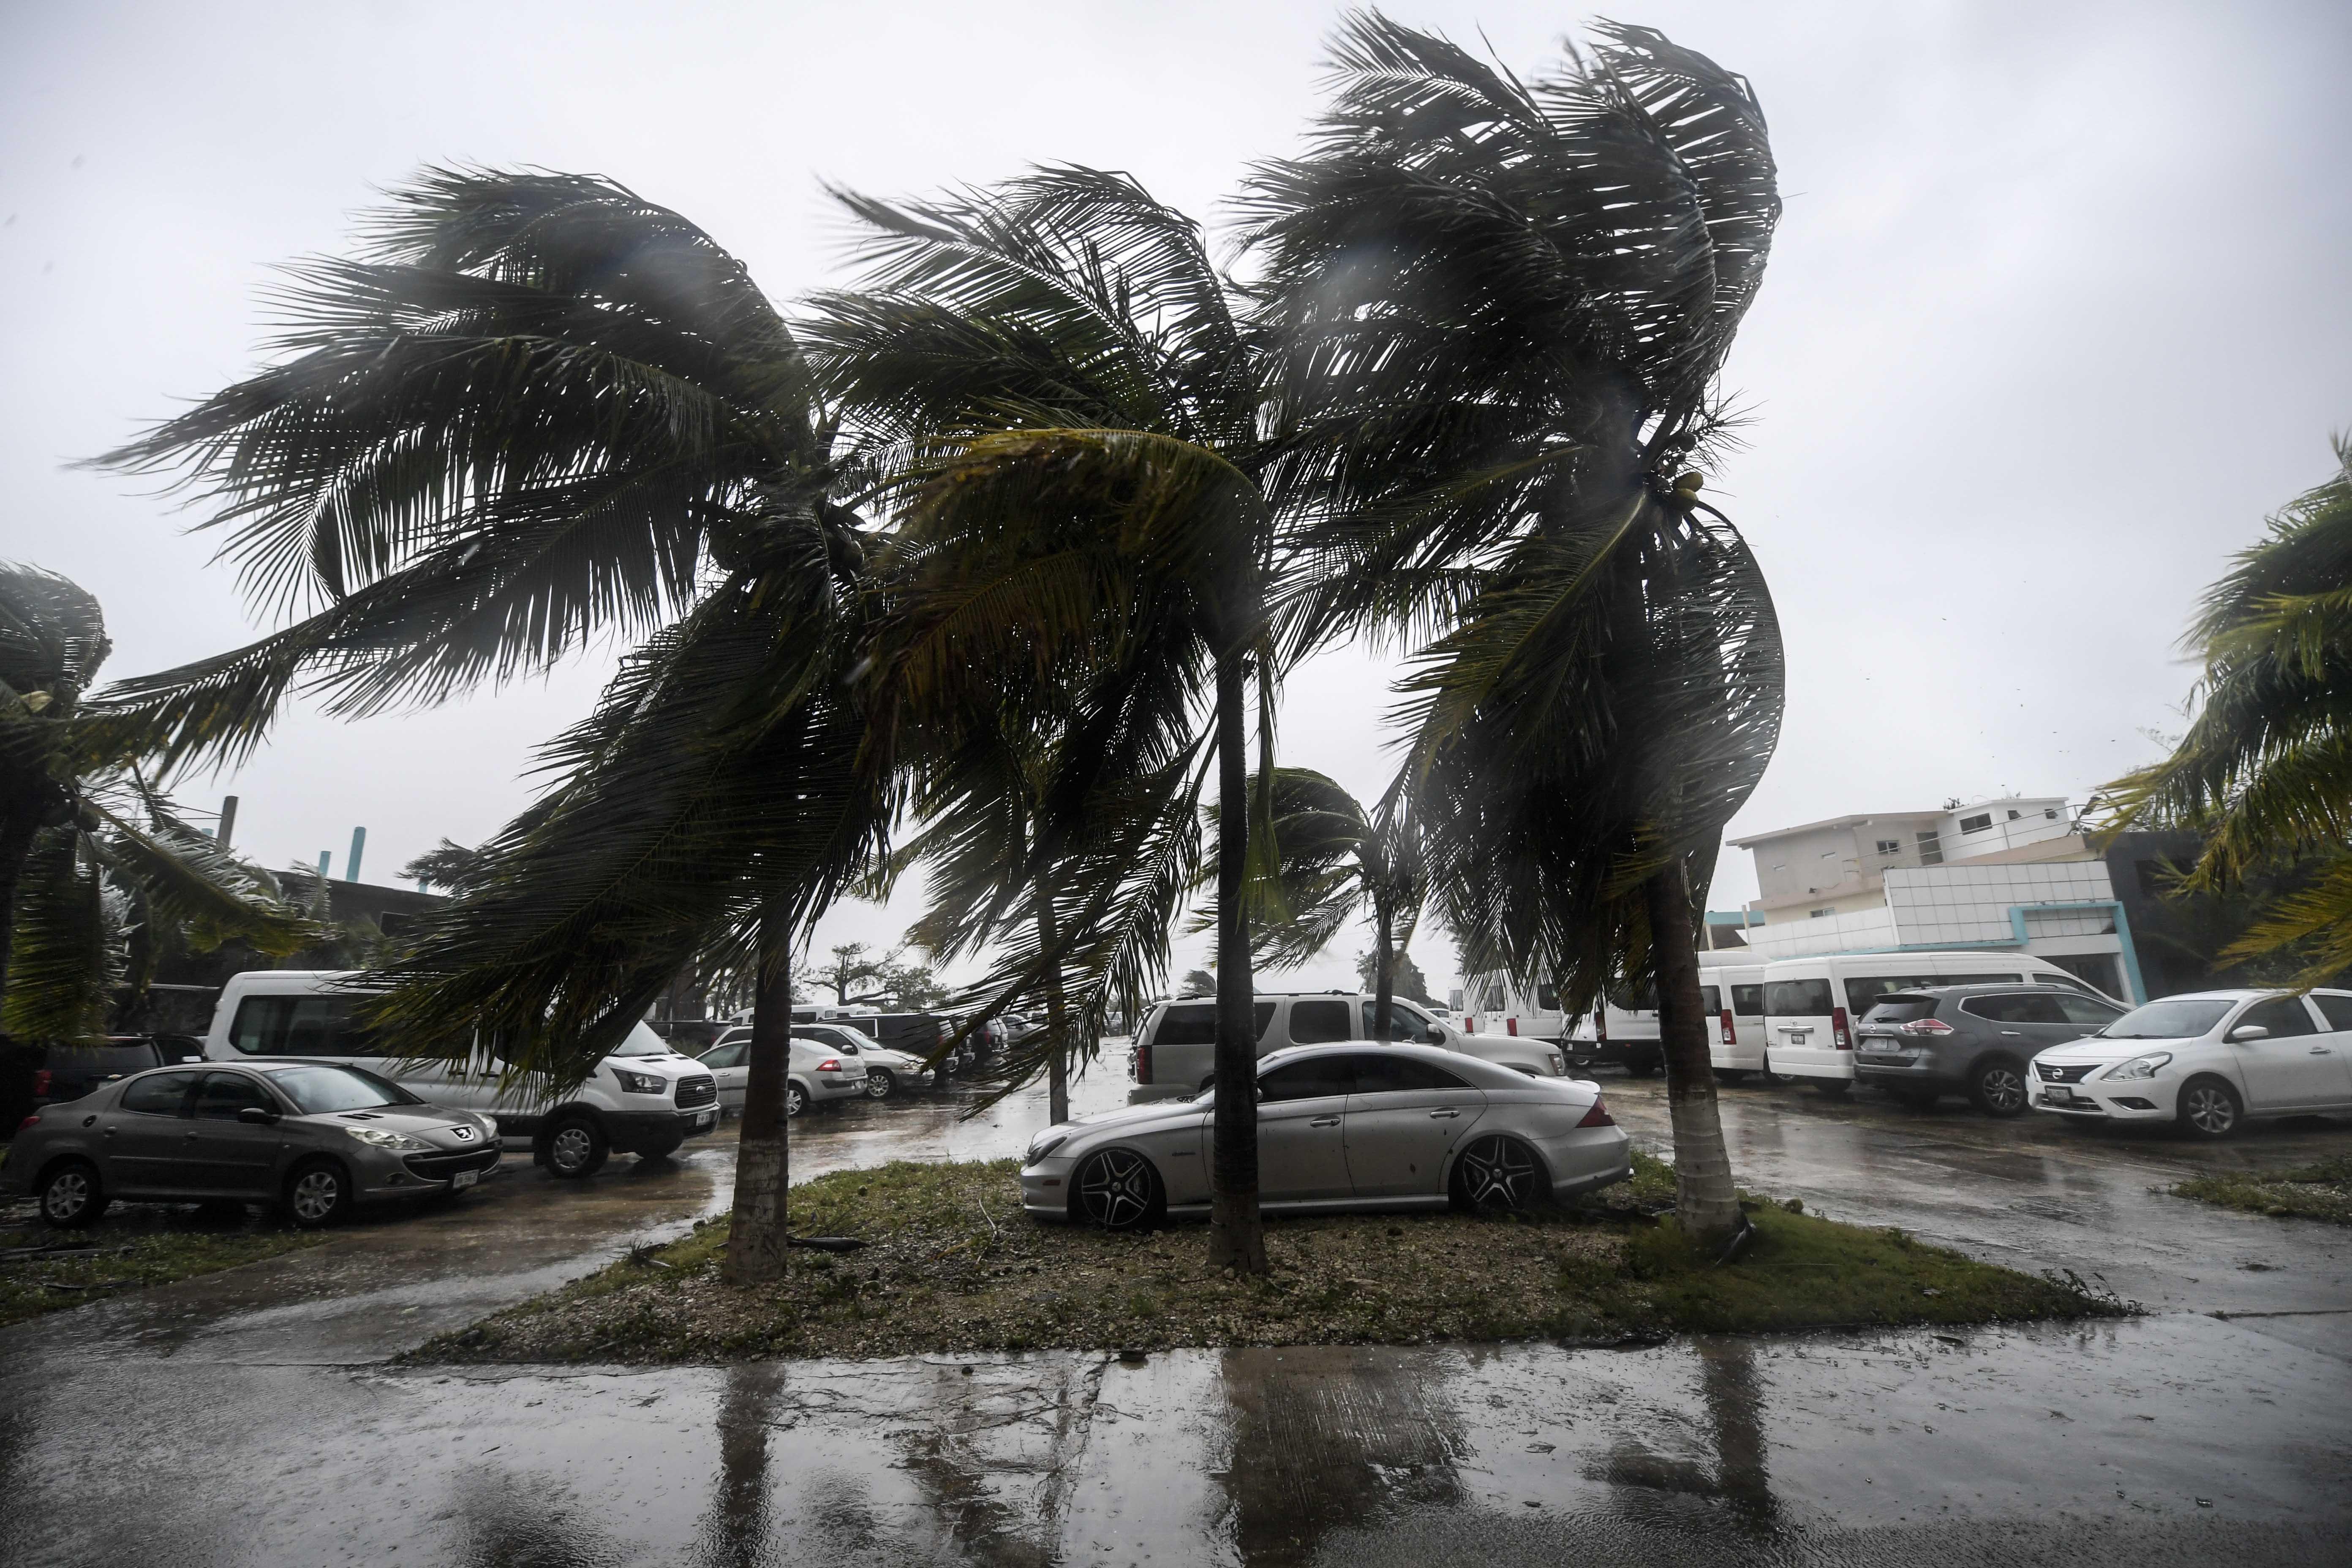 Los vientos azotan palmeras después del paso del huracán Delta, en Cancún, estado de Quintana Roo, México, el 7 de octubre de 2020.